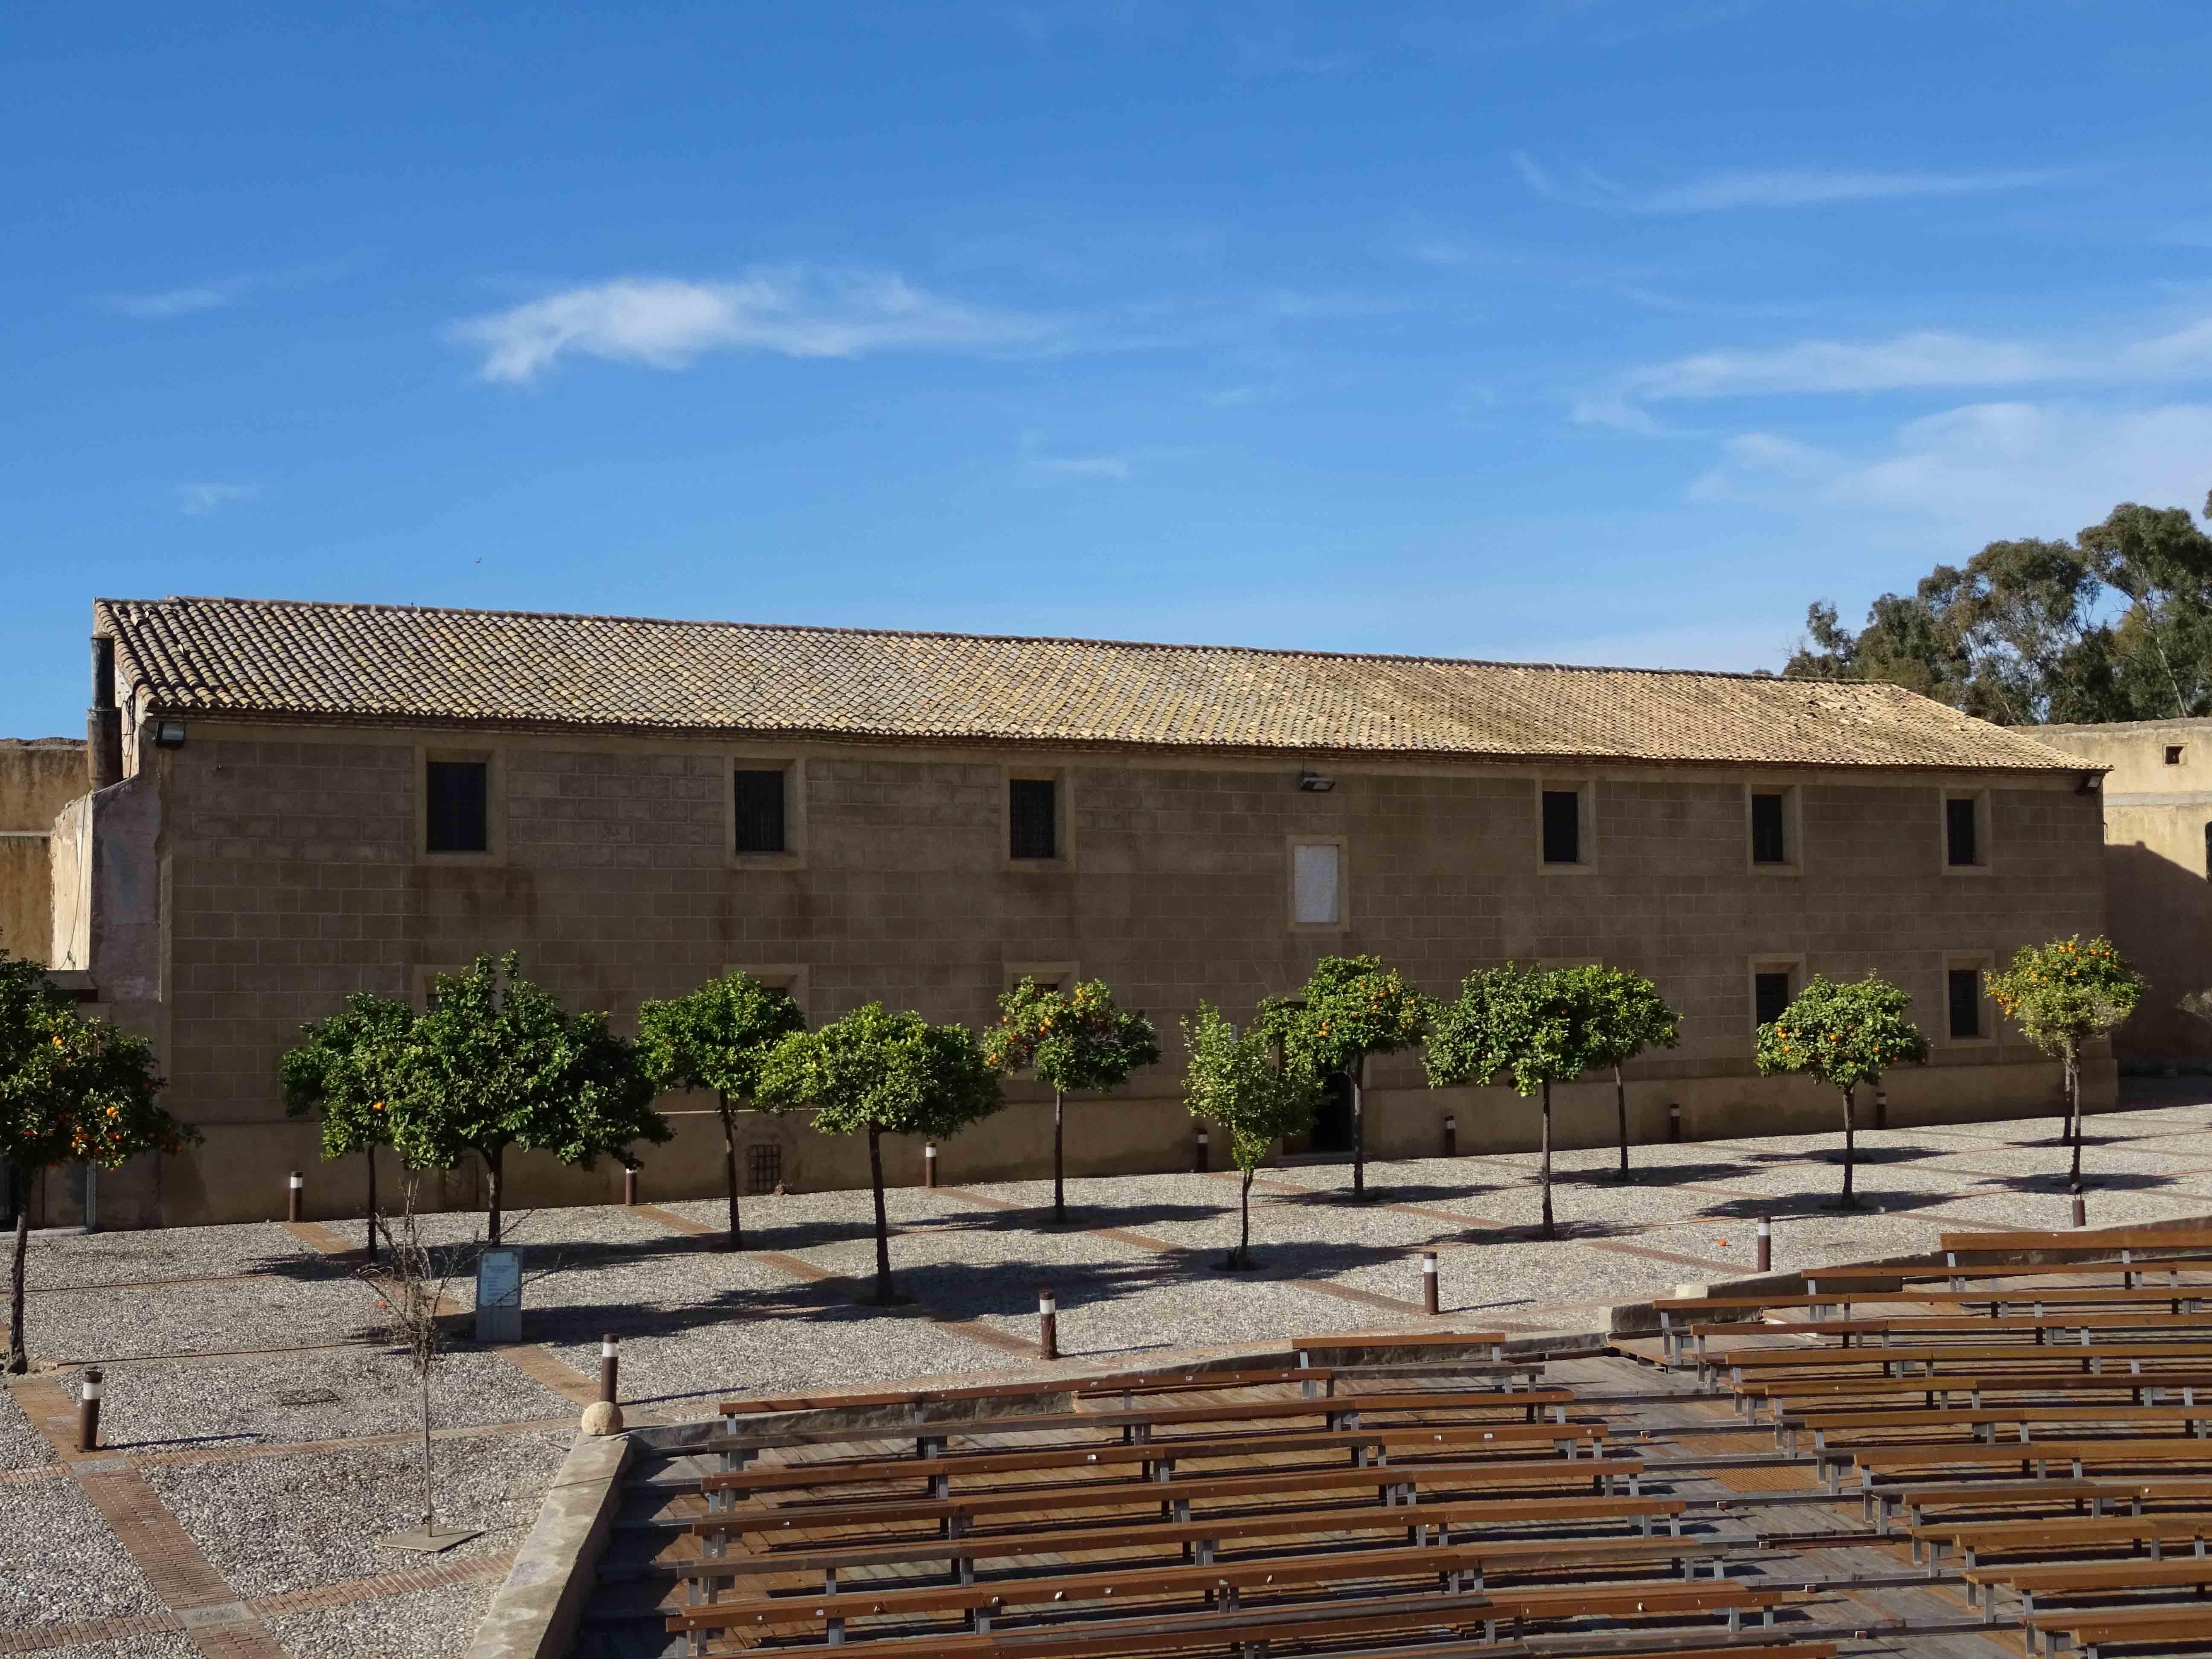 Edificio de la antigua tercia o almacén señorial de granos, hoy utilizado como Biblioteca, Archivo Municipal y Museo Histórico © Fotografía: Pedro Perales